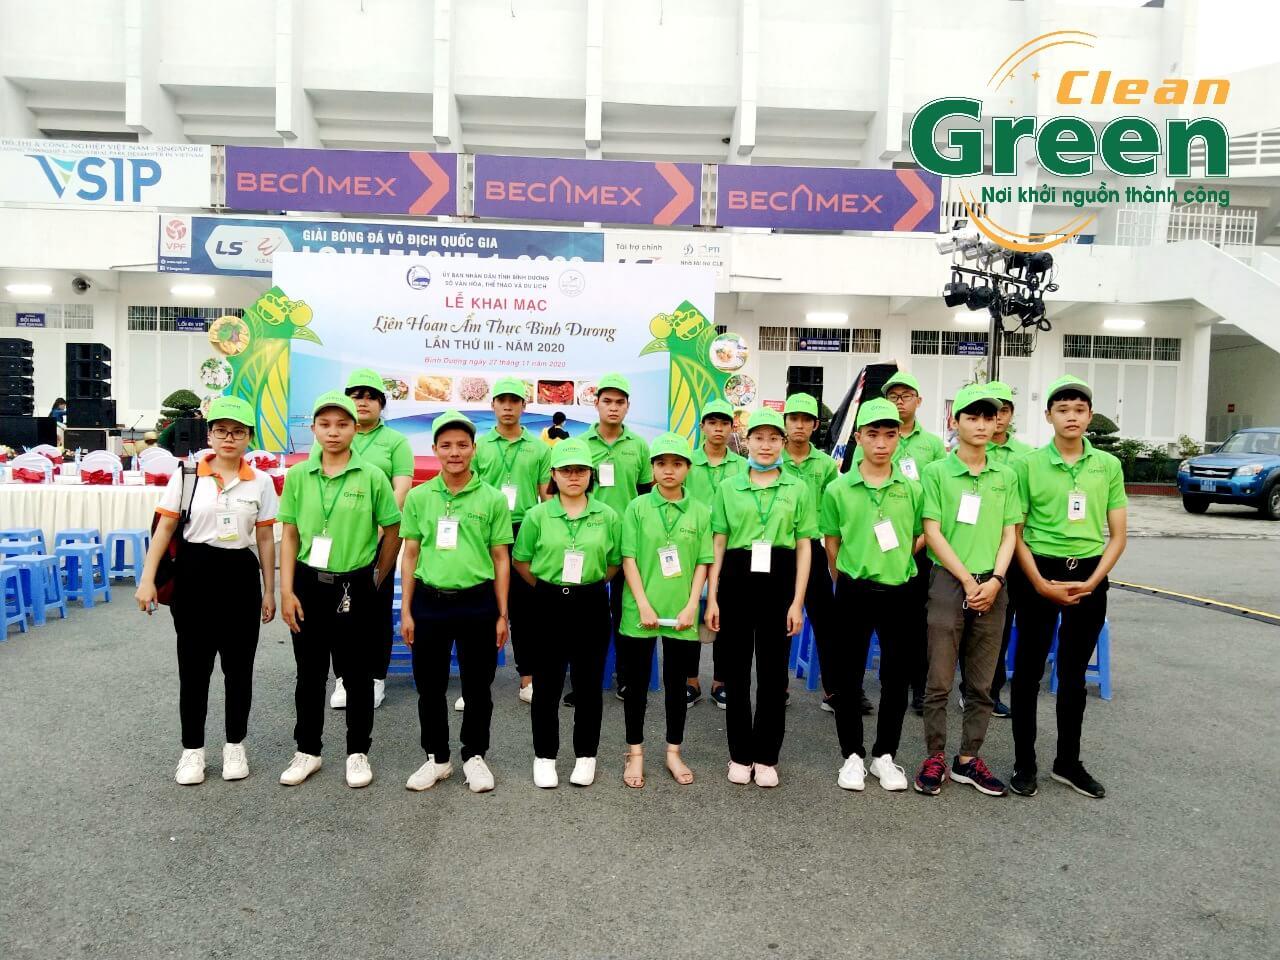 Green Clean đồng hành cùng Liên hoan Ẩm thực Bình Dương lần III-2020